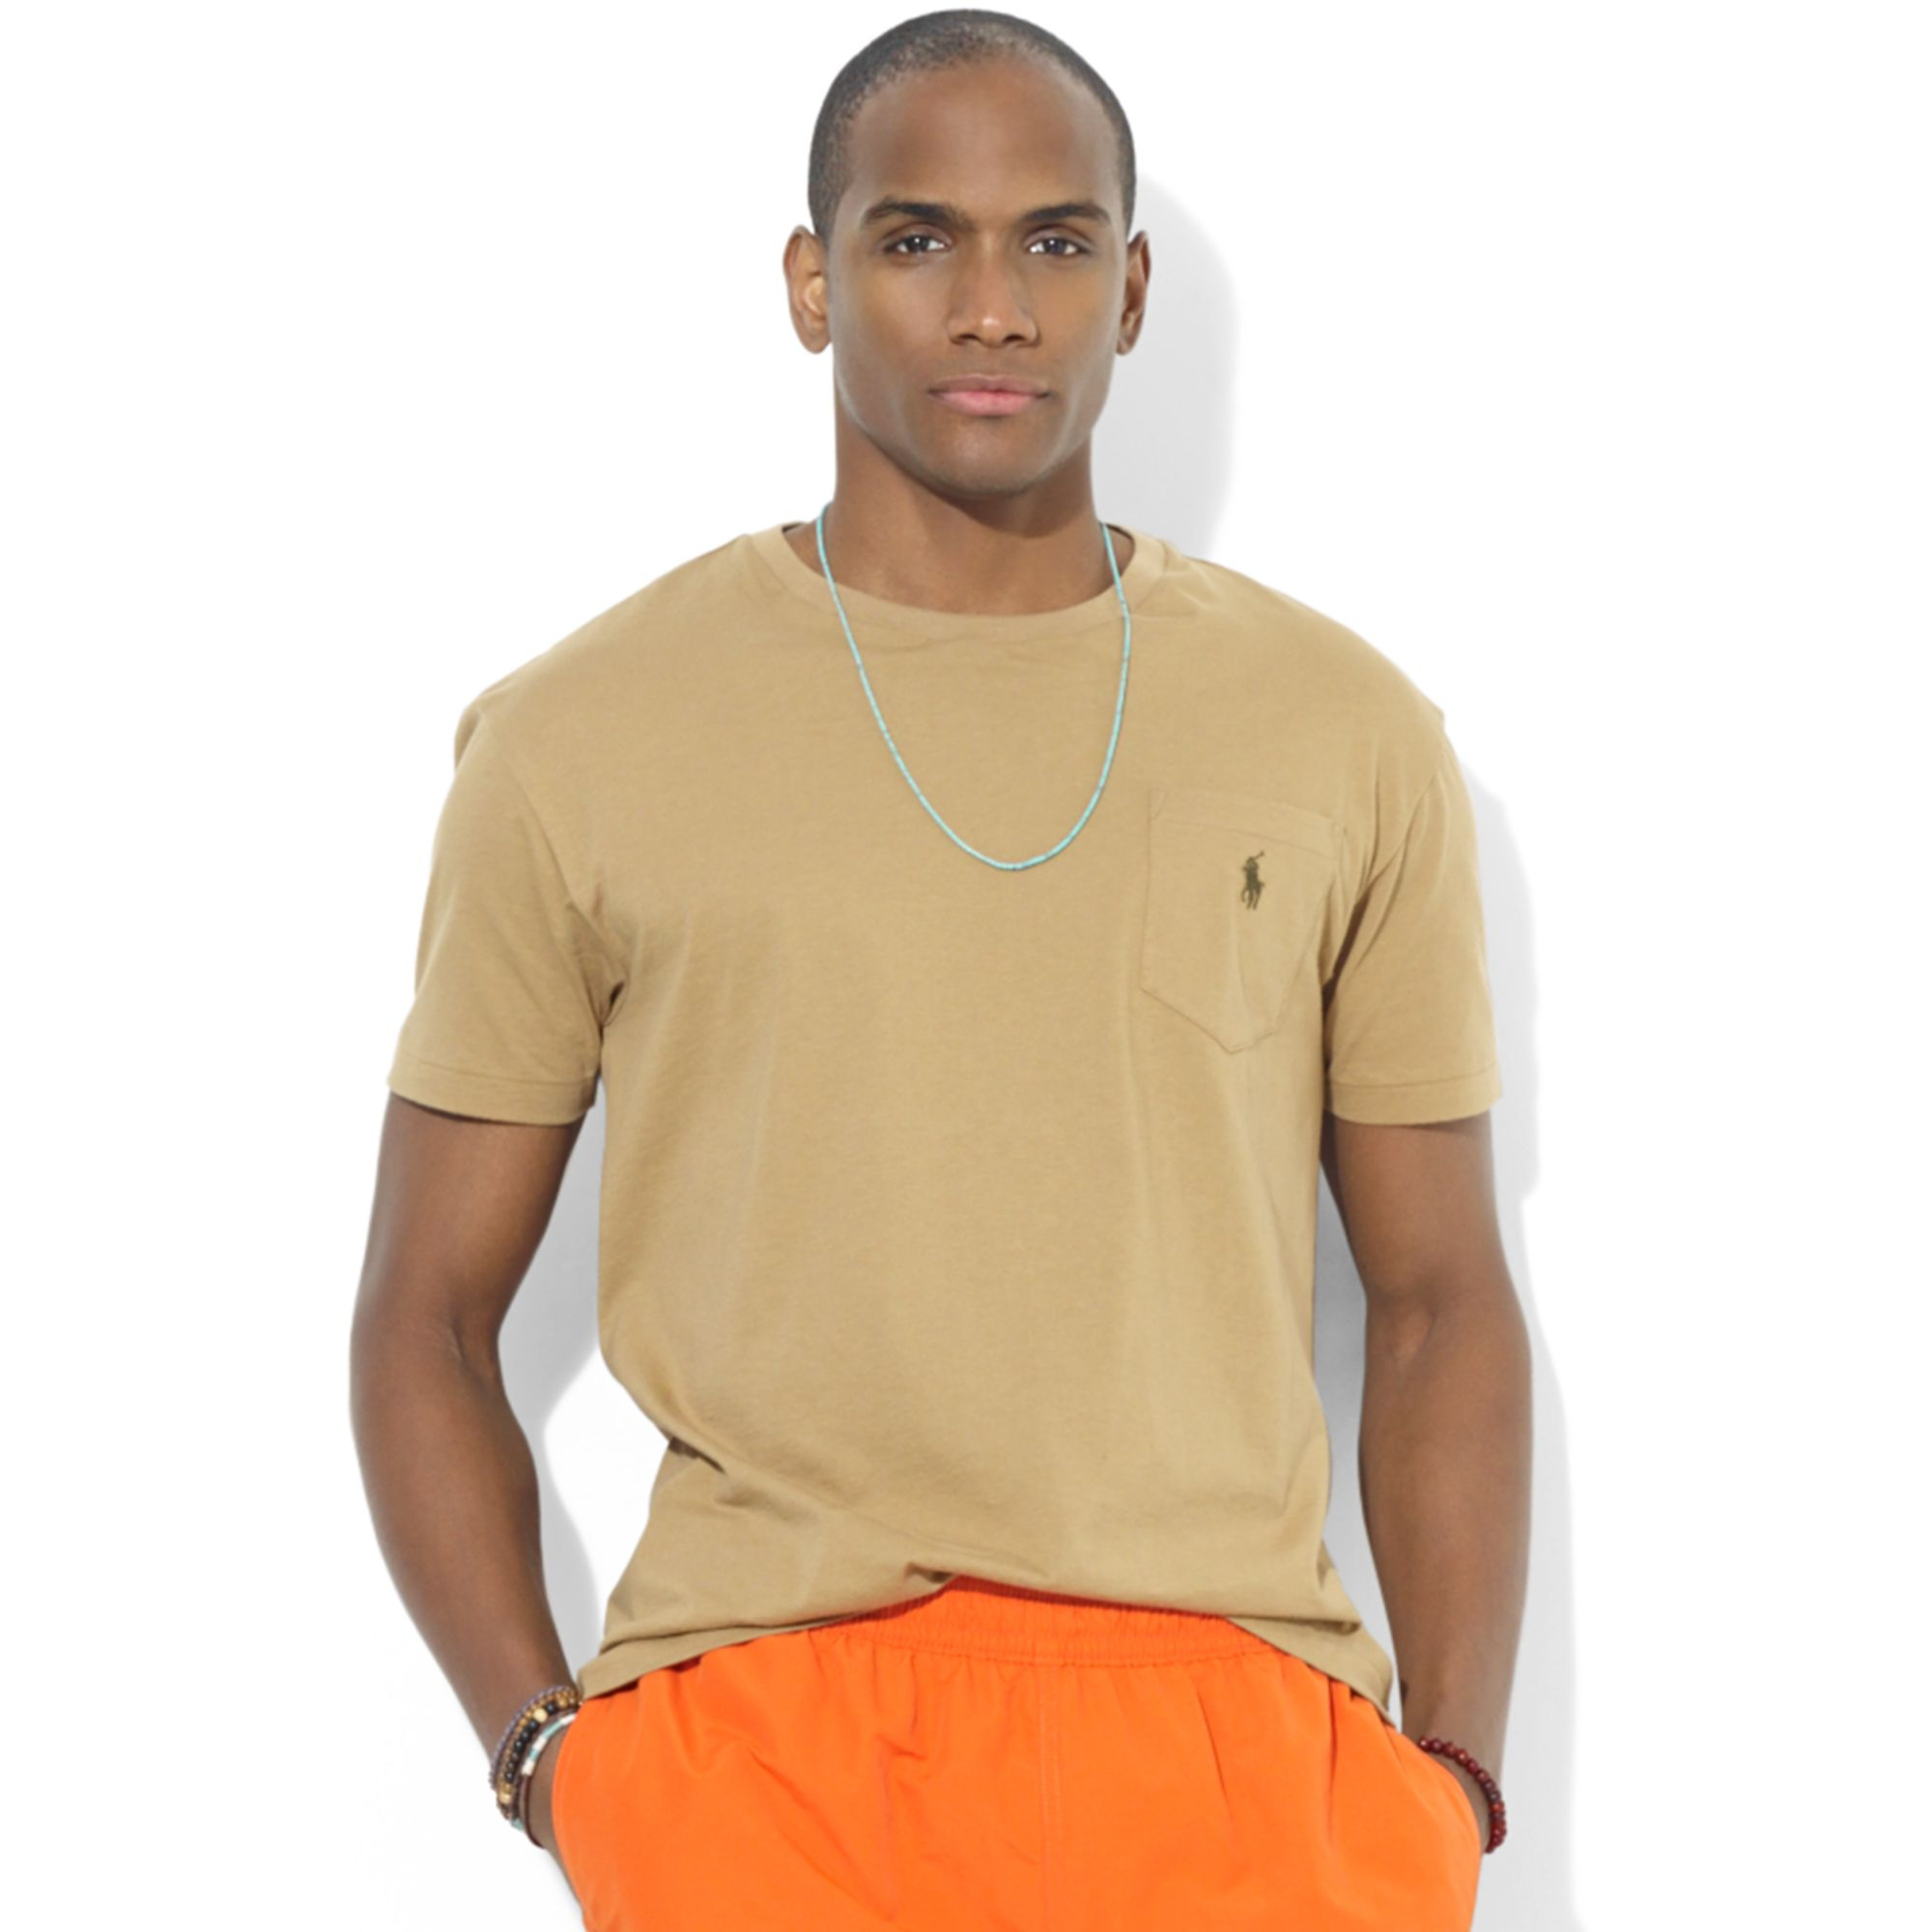 a1df8cff85c5 discount beige ralph lauren t shirt 435d4 ba5cc